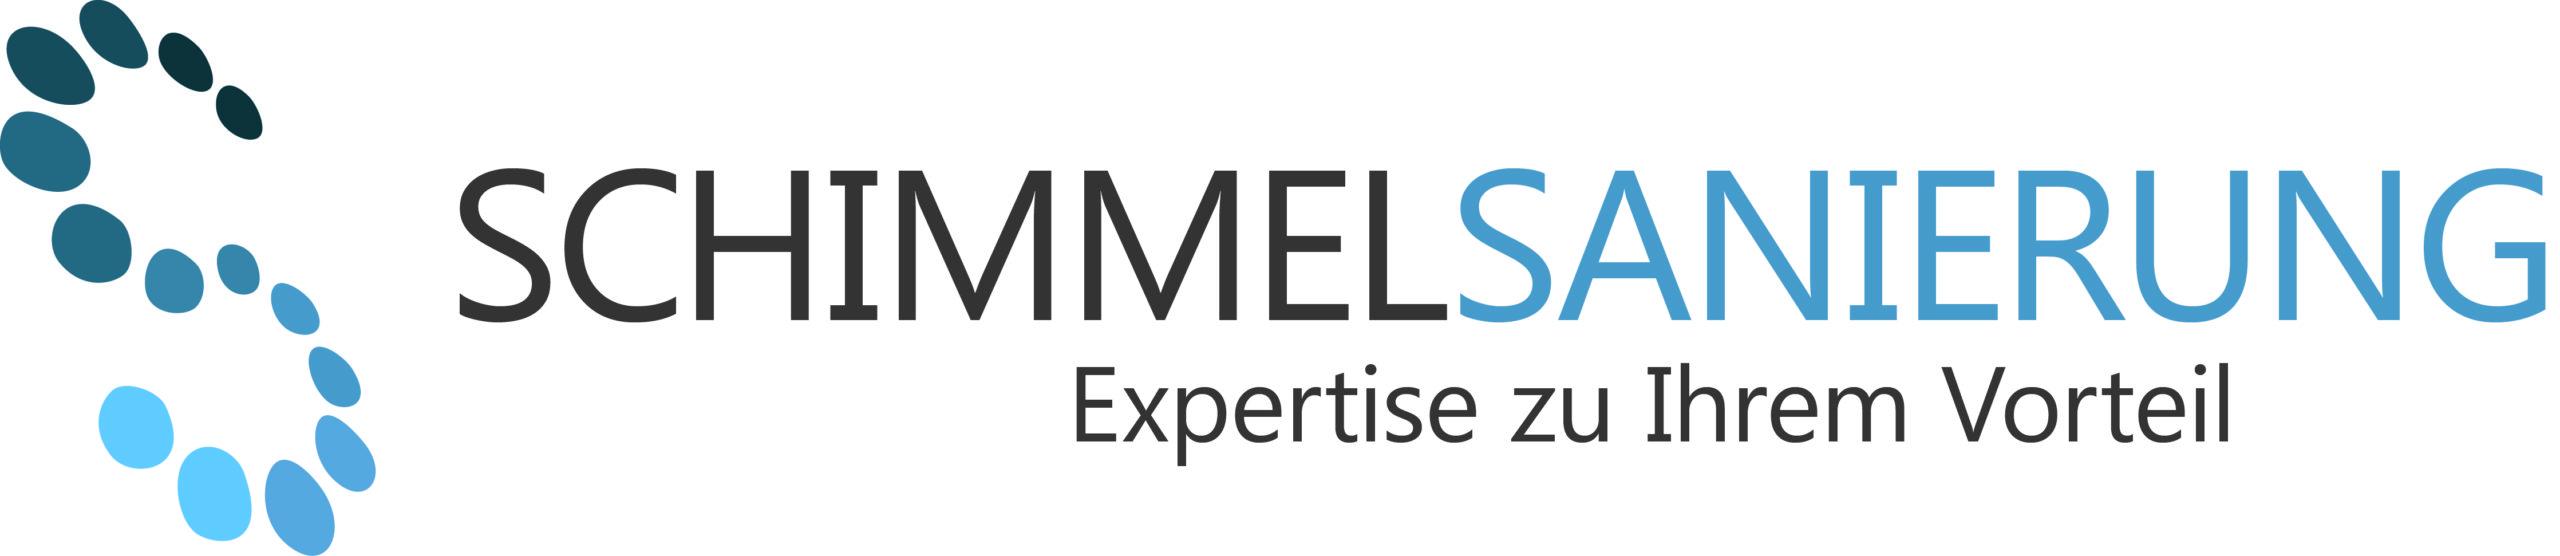 schimmelsanierung-chemnitz.de